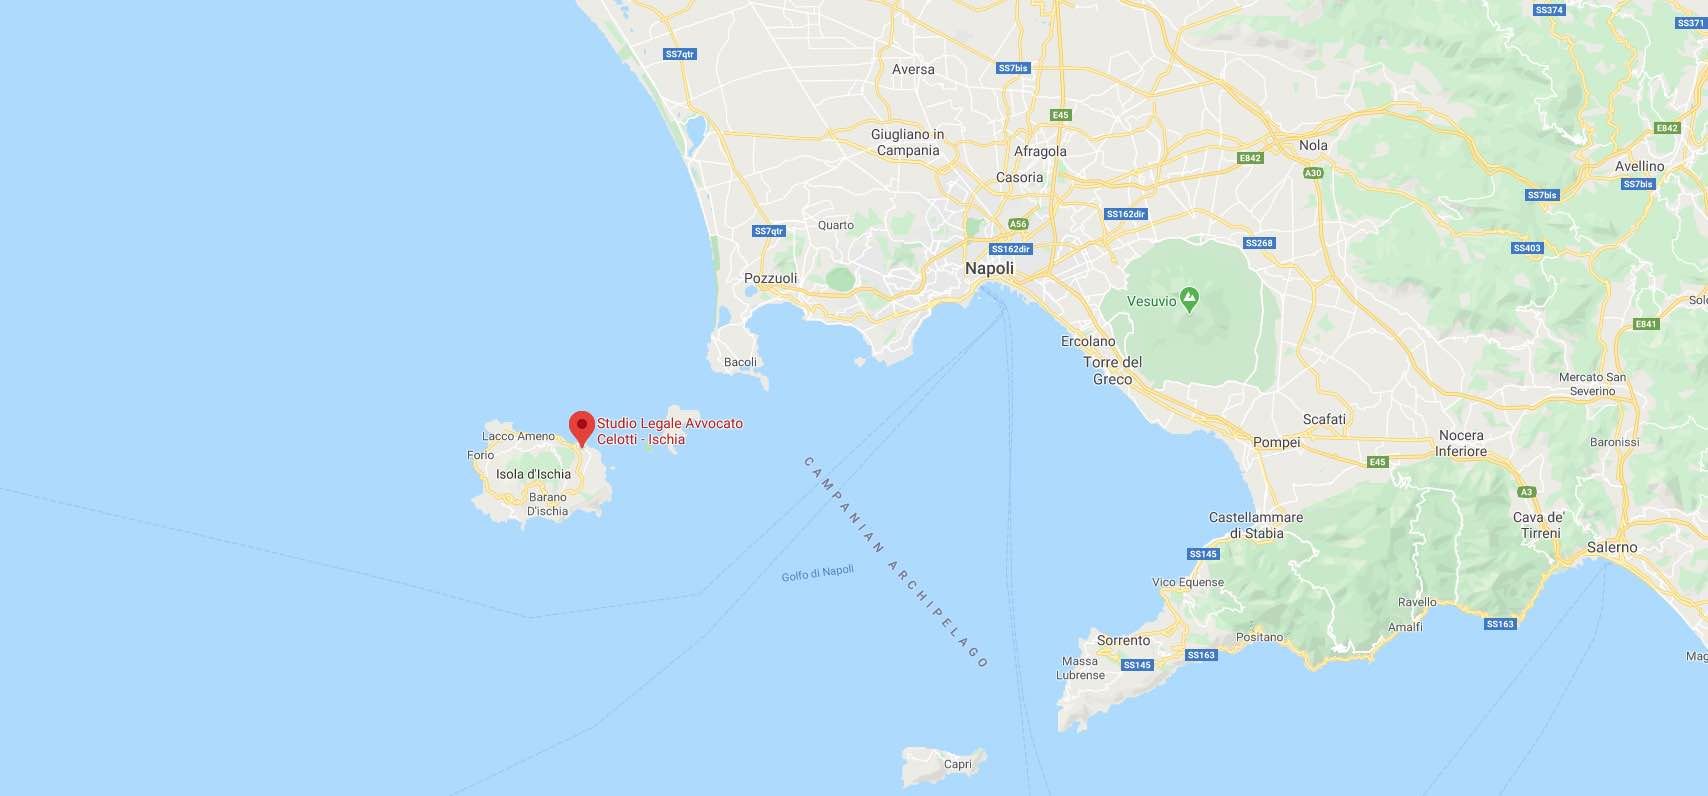 google maps Studio Legale Avvocato Celotti Ischia